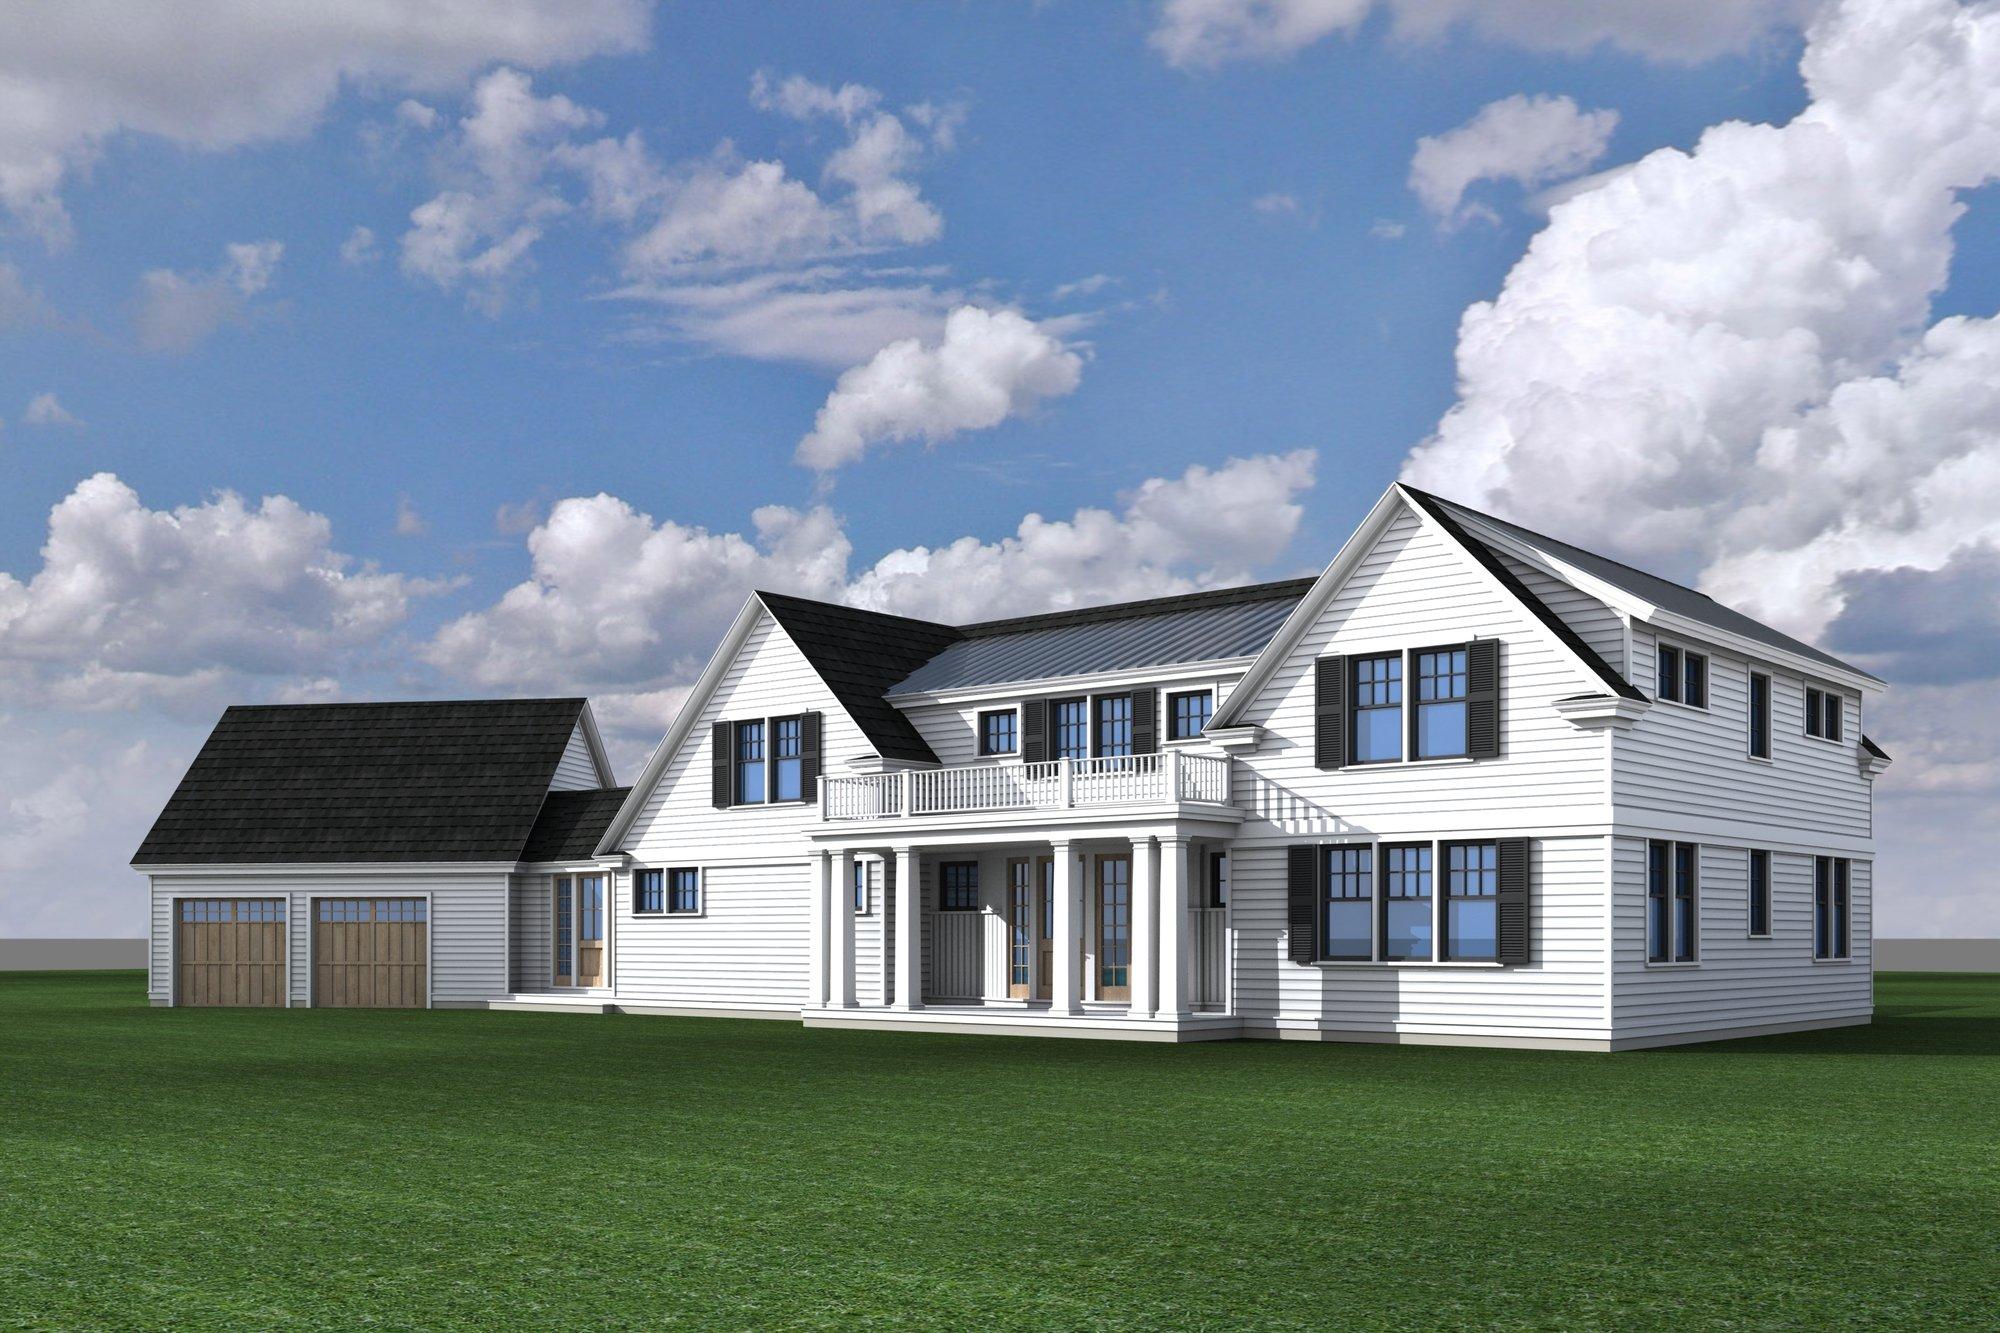 Casa a Guilford, Connecticut, Stati Uniti 1 - 11456835